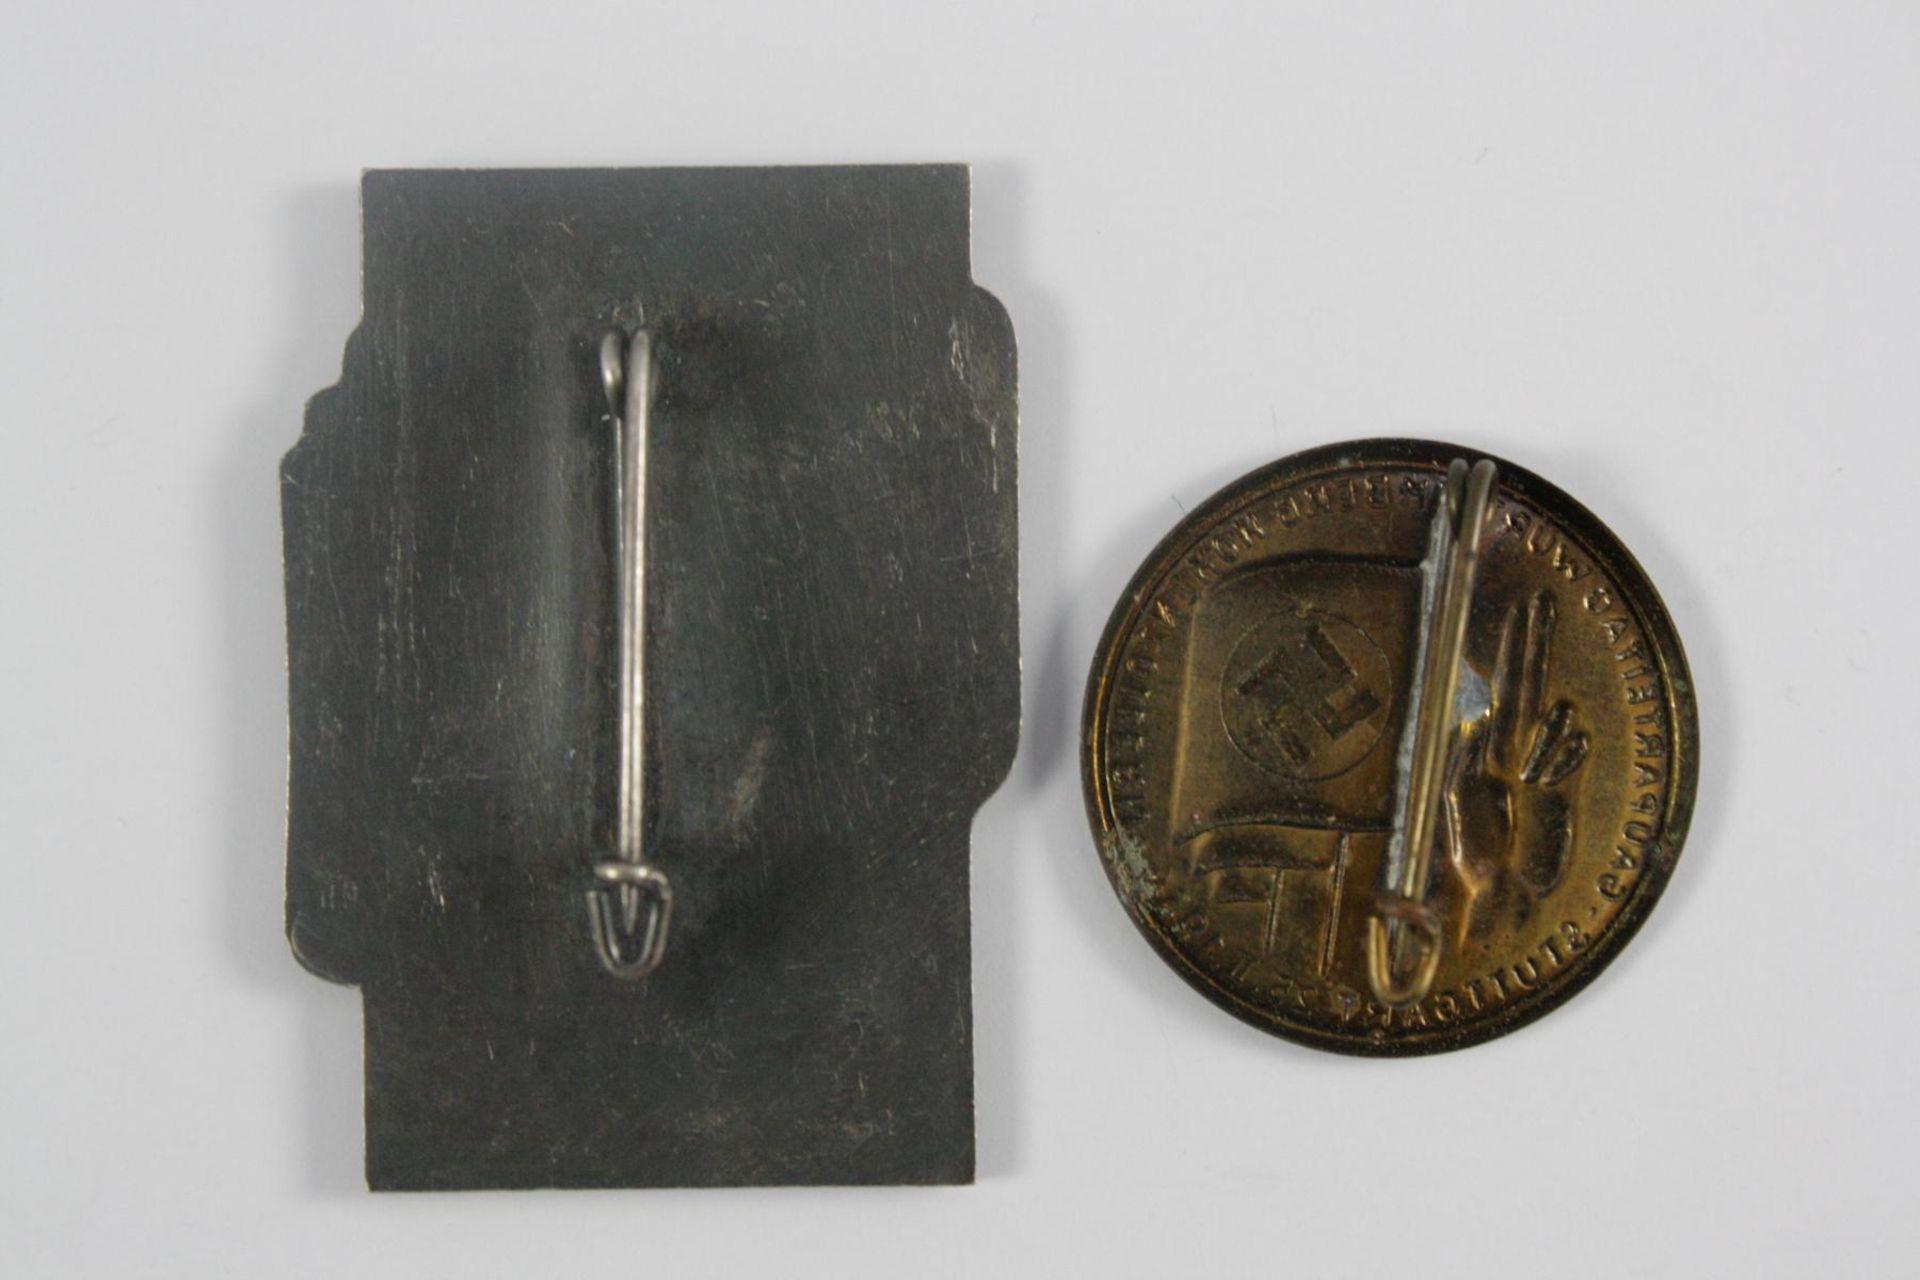 2 Tagungsabzeichen: Gauparteitag Württemberg Hohenzollern, Stuttgart 1934 - Bild 2 aus 2